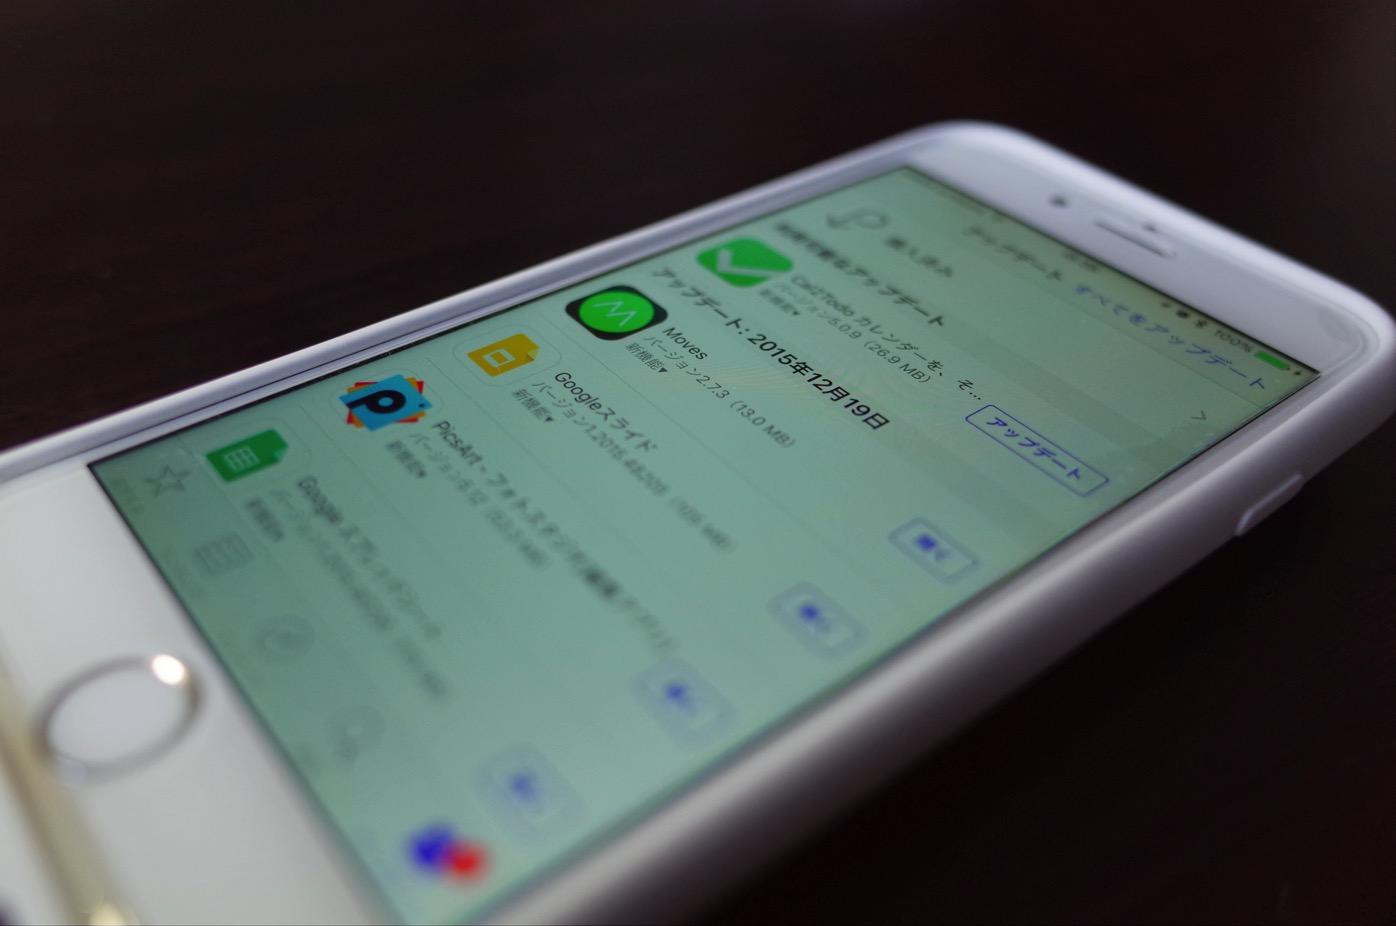 [iPhone]モバイルデータ通信残量が少ないときに思わずアプリのアップデートしたときにストップさせる一つの方法